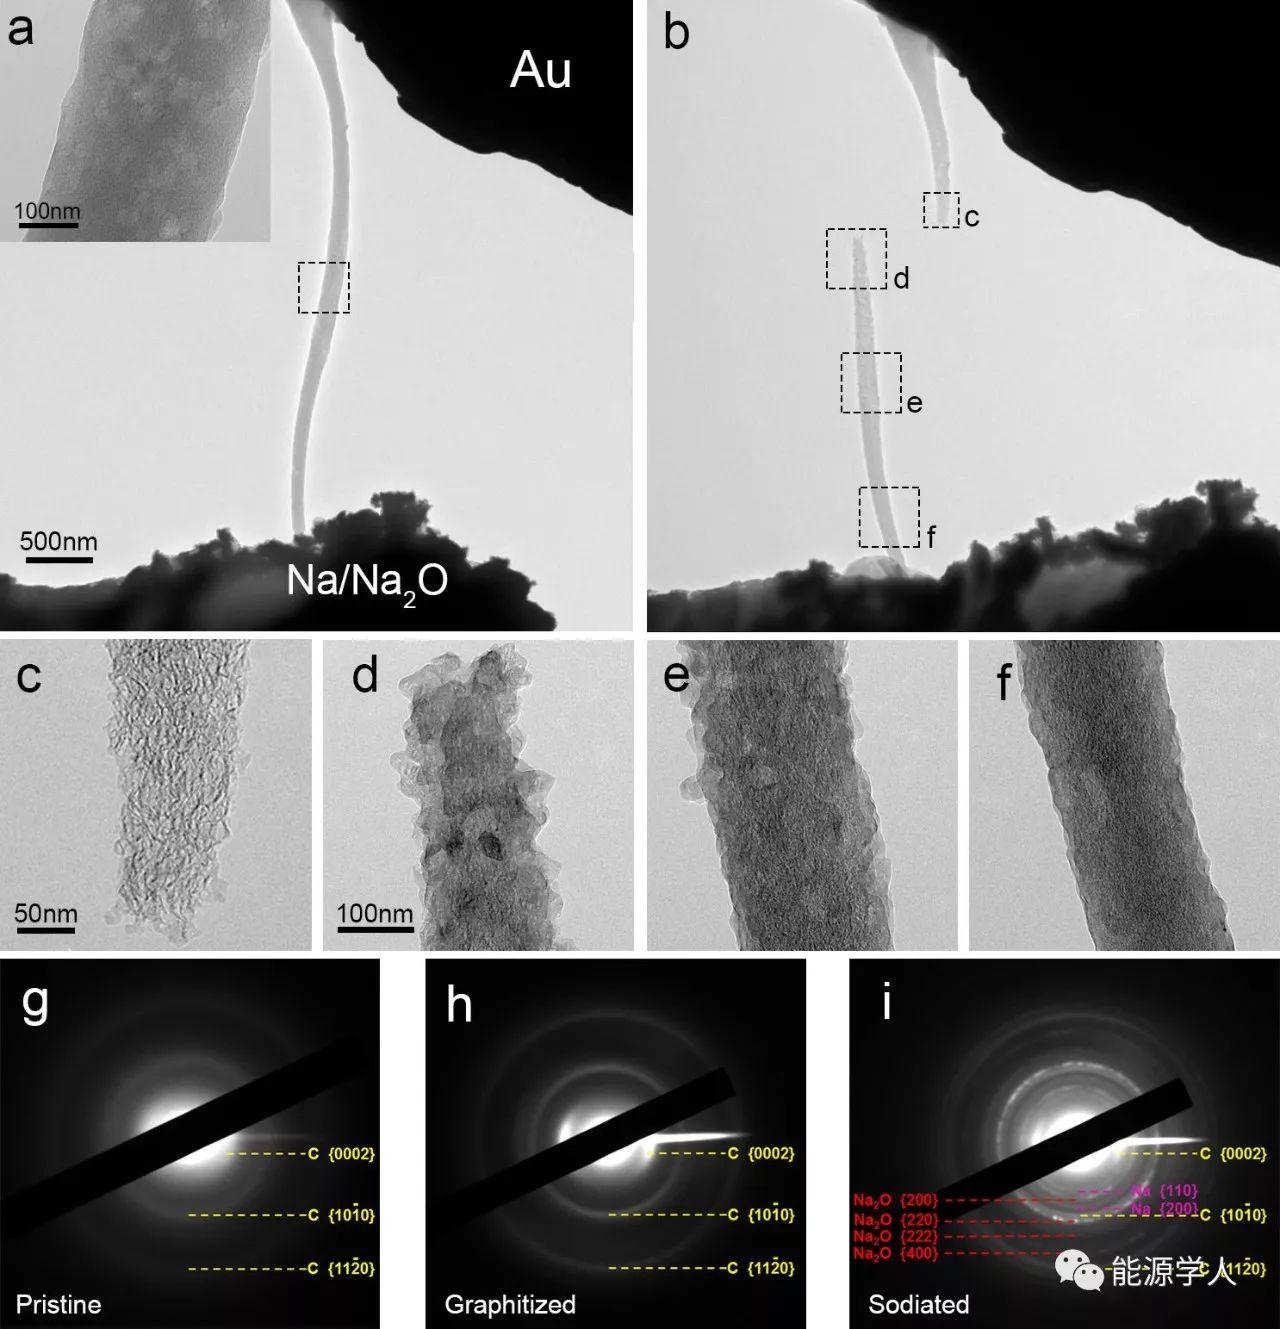 钠金属在碳纳米纤维集流体上电化学沉积/溶解过程的原位电镜观察